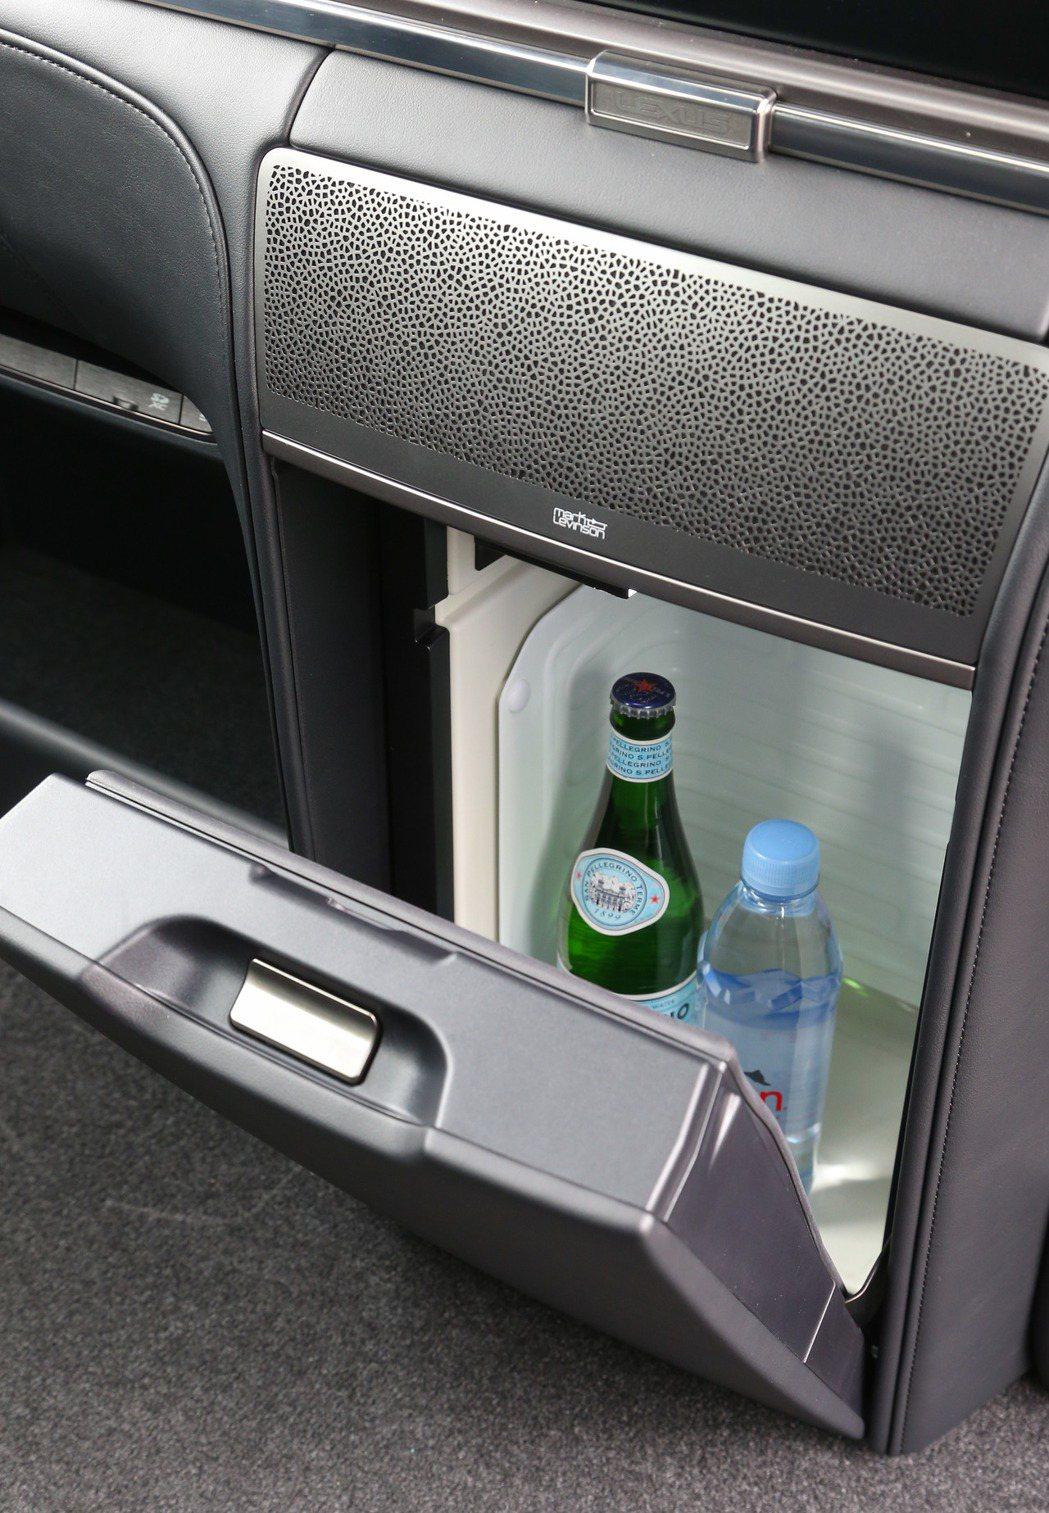 大螢幕下方還有容量達14公升的獨立冷藏櫃。 記者陳立凱/攝影